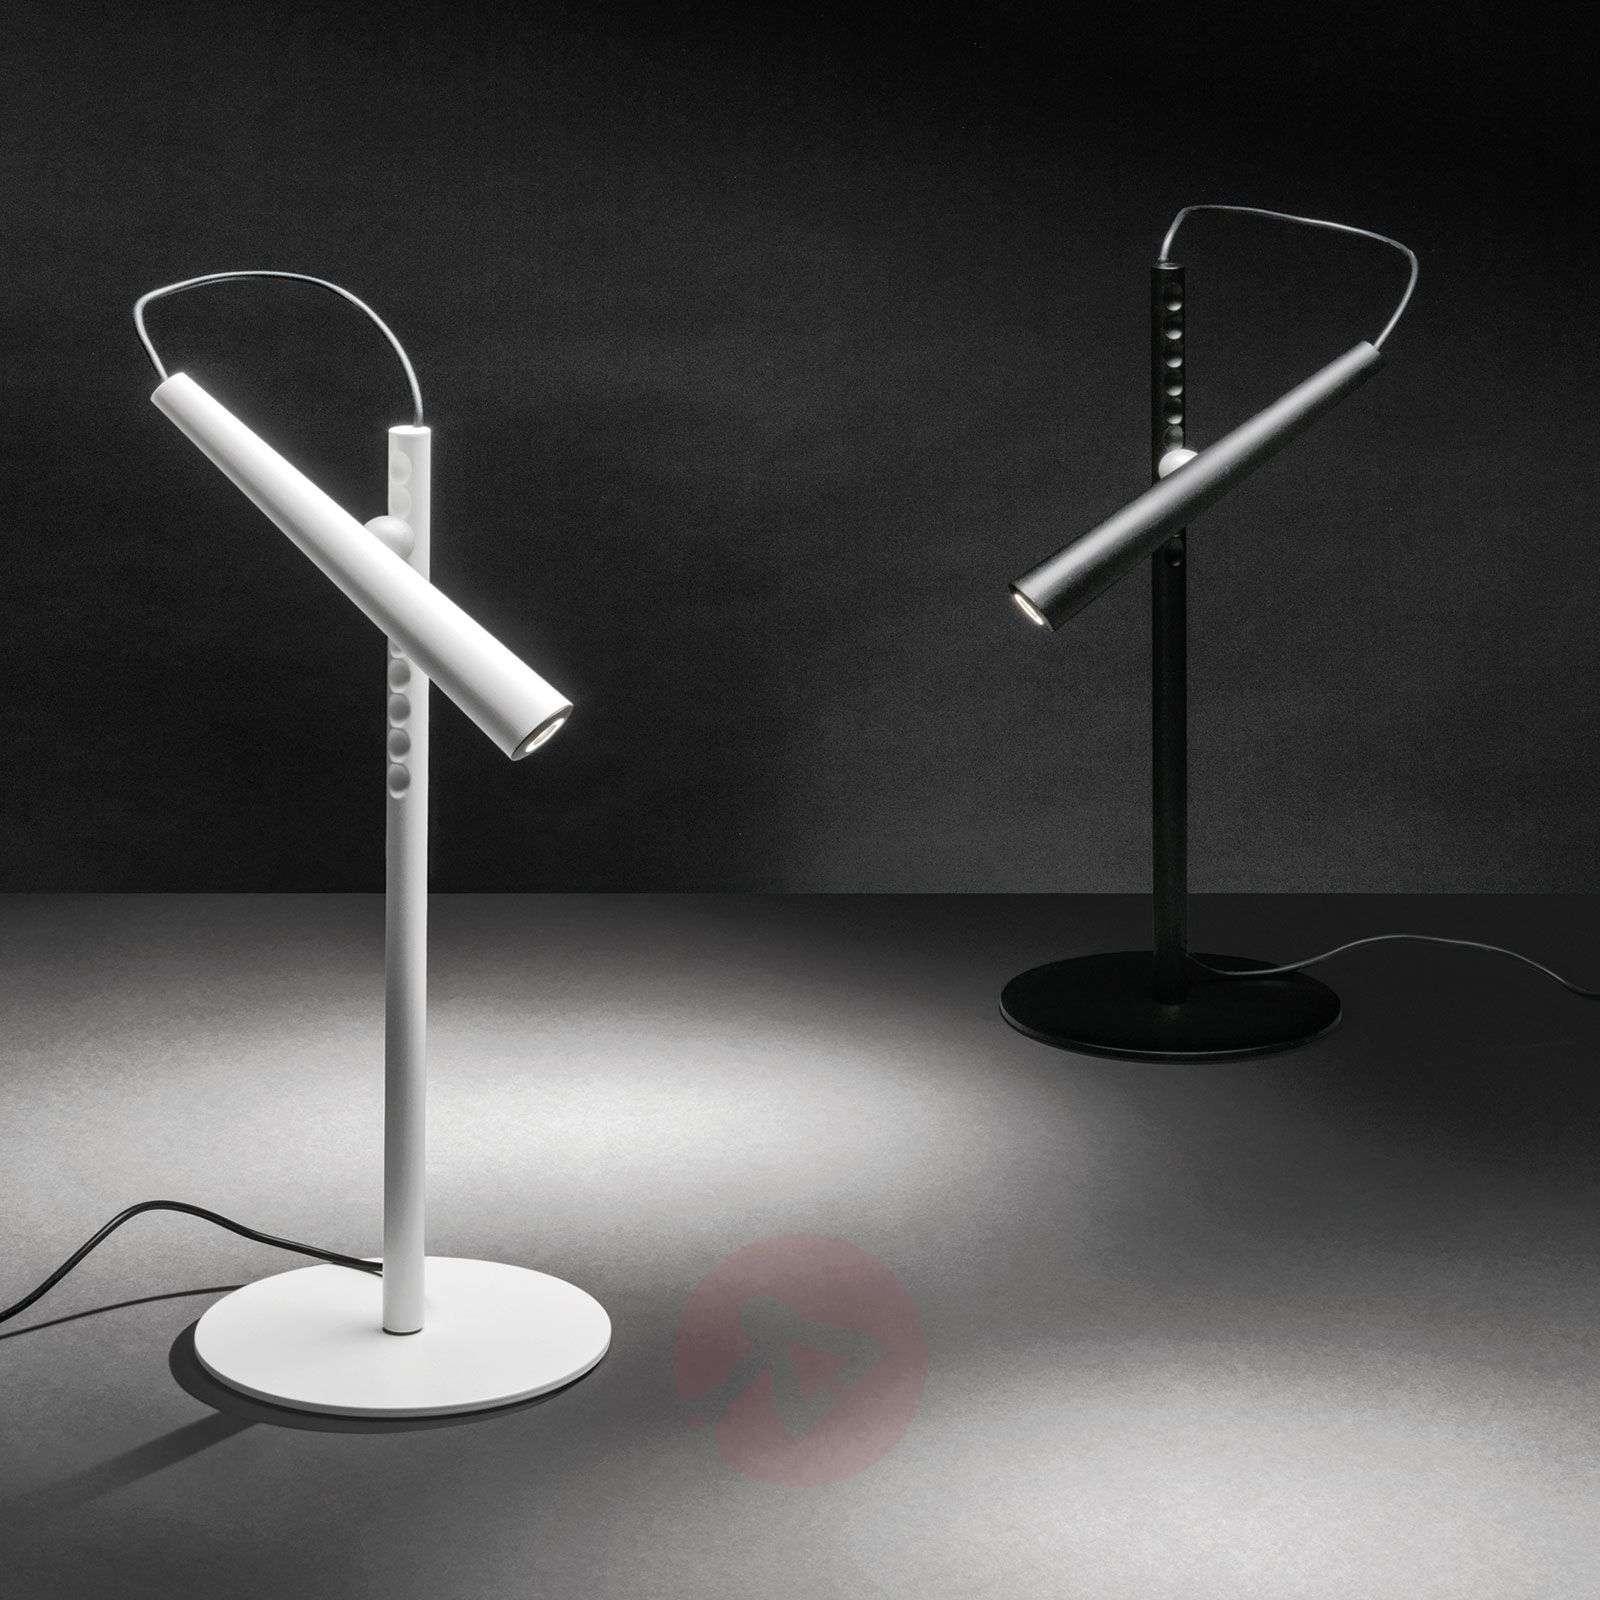 Foscarini Magneto LED-pöytävalaisin, valkoinen-3560034-01